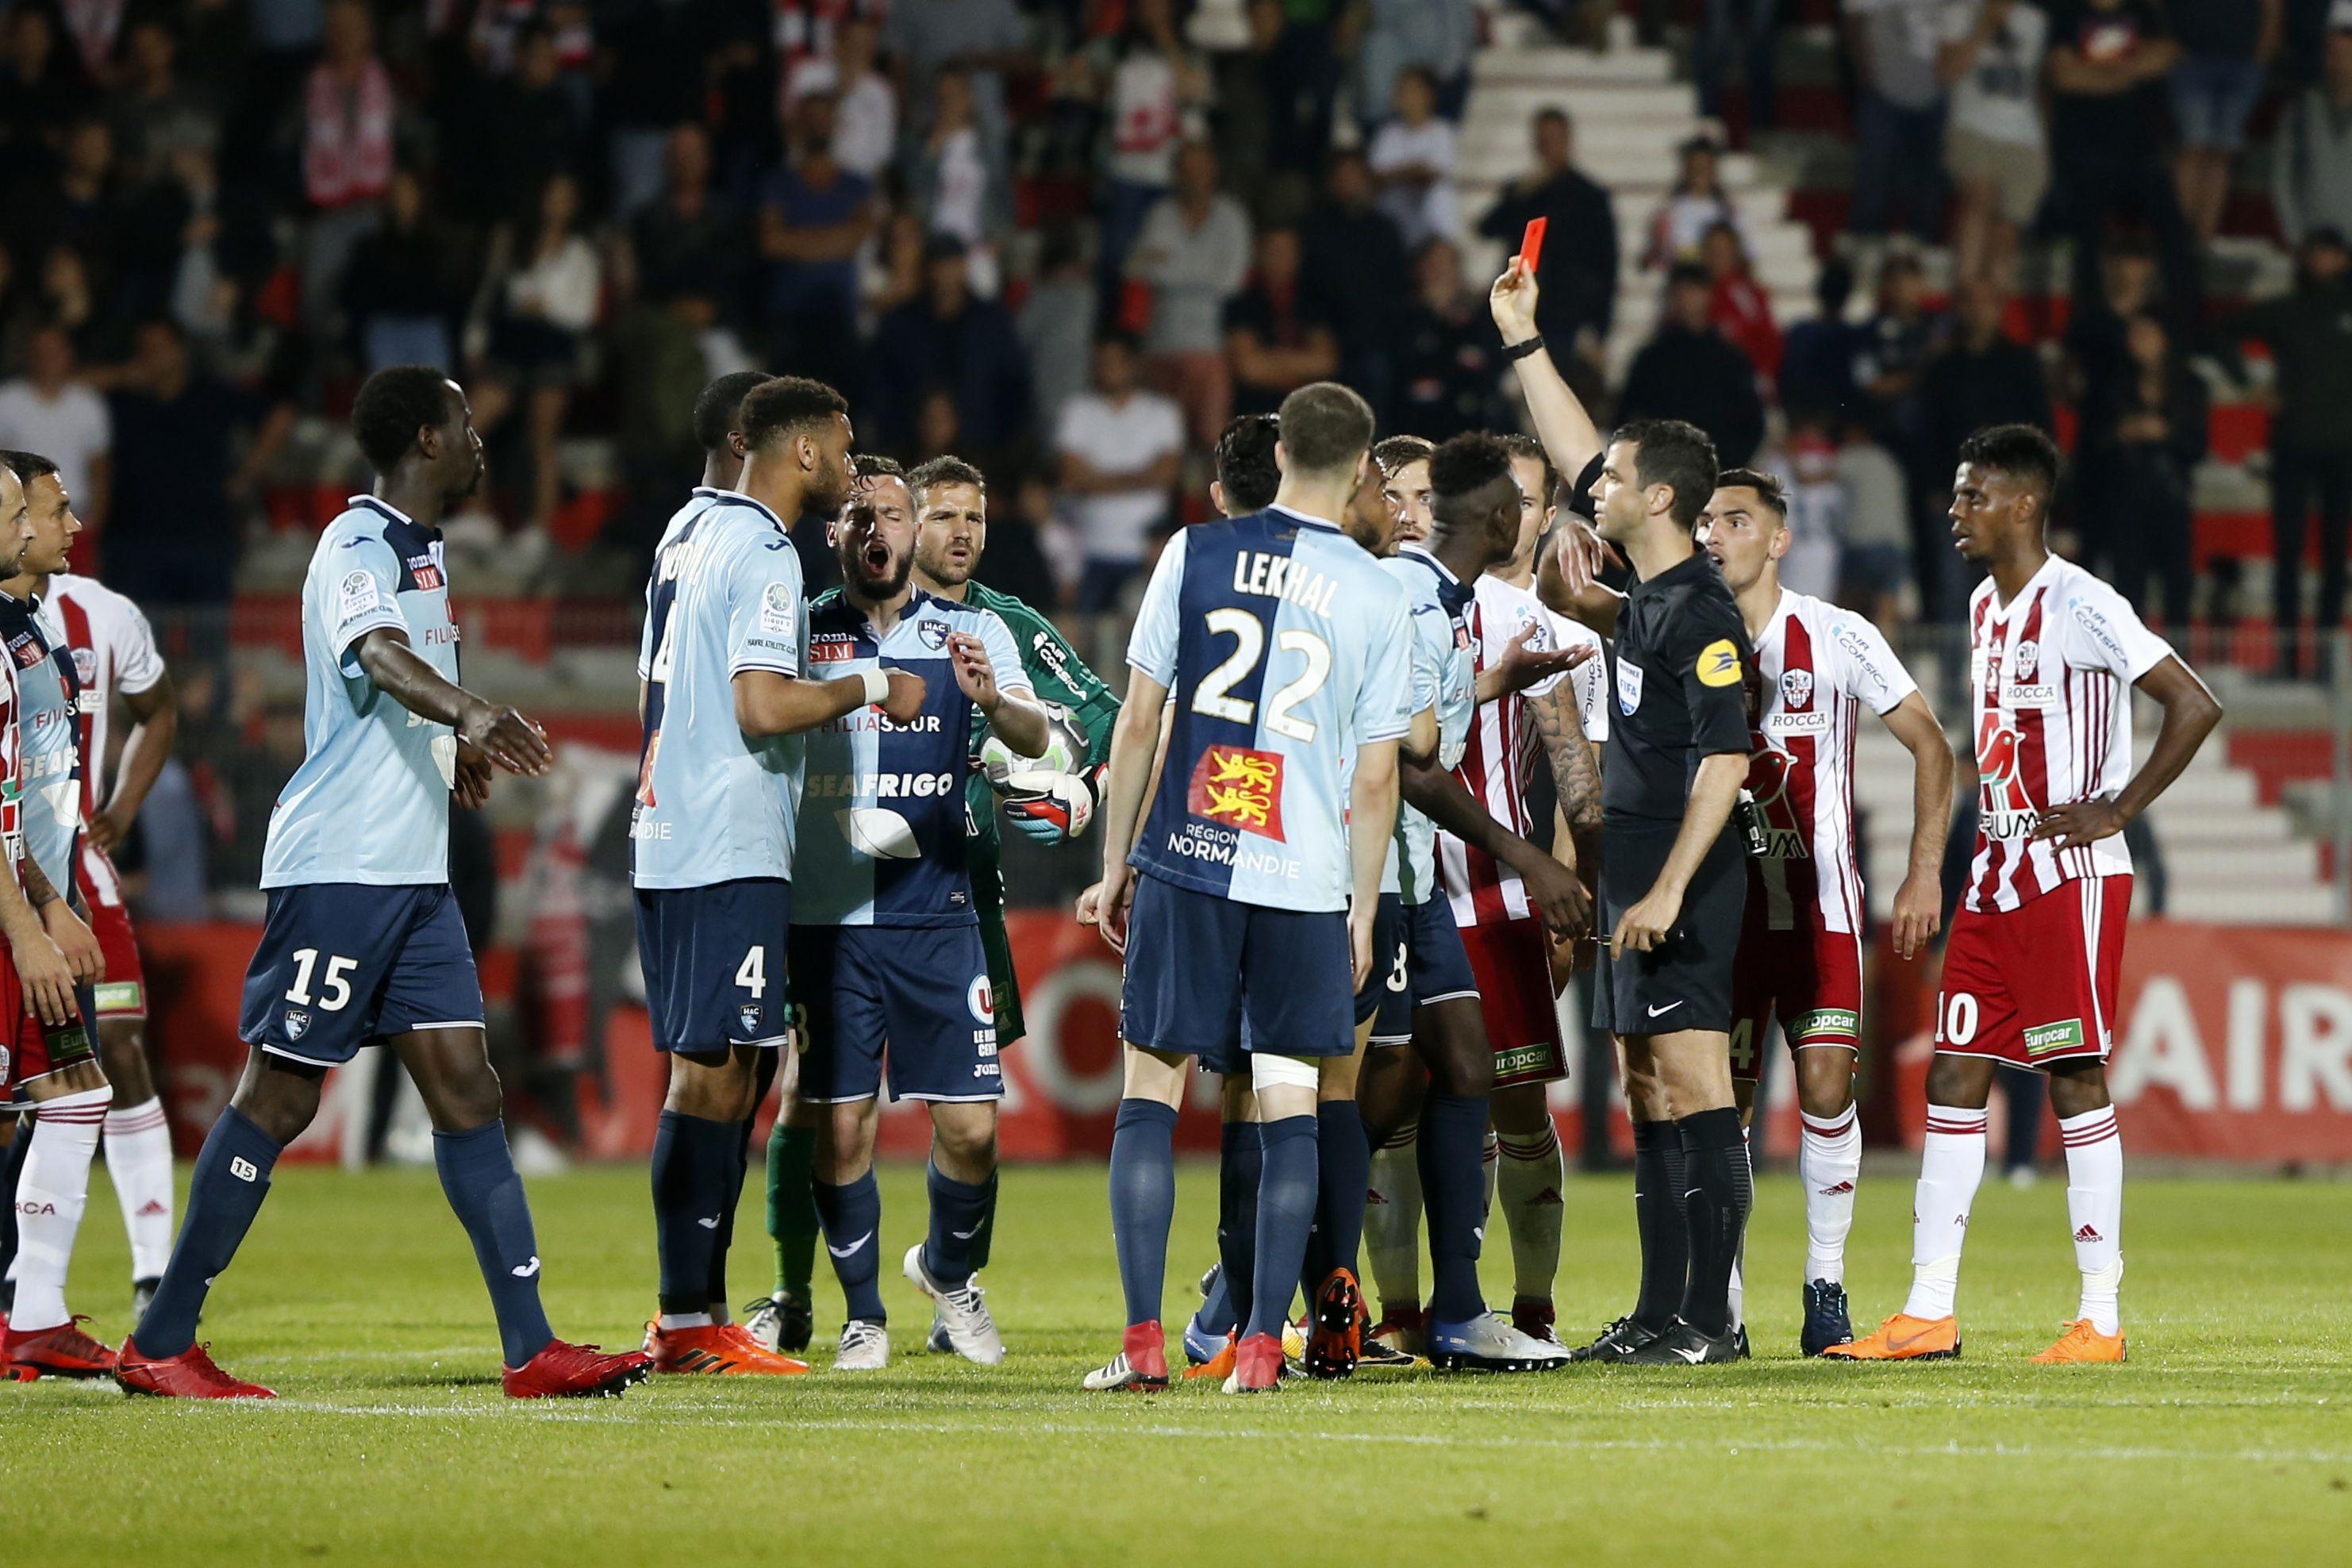 Football - Ligue 2 - Ajaccio-Le Havre : la députée du Havre dénonce des violences en tribune